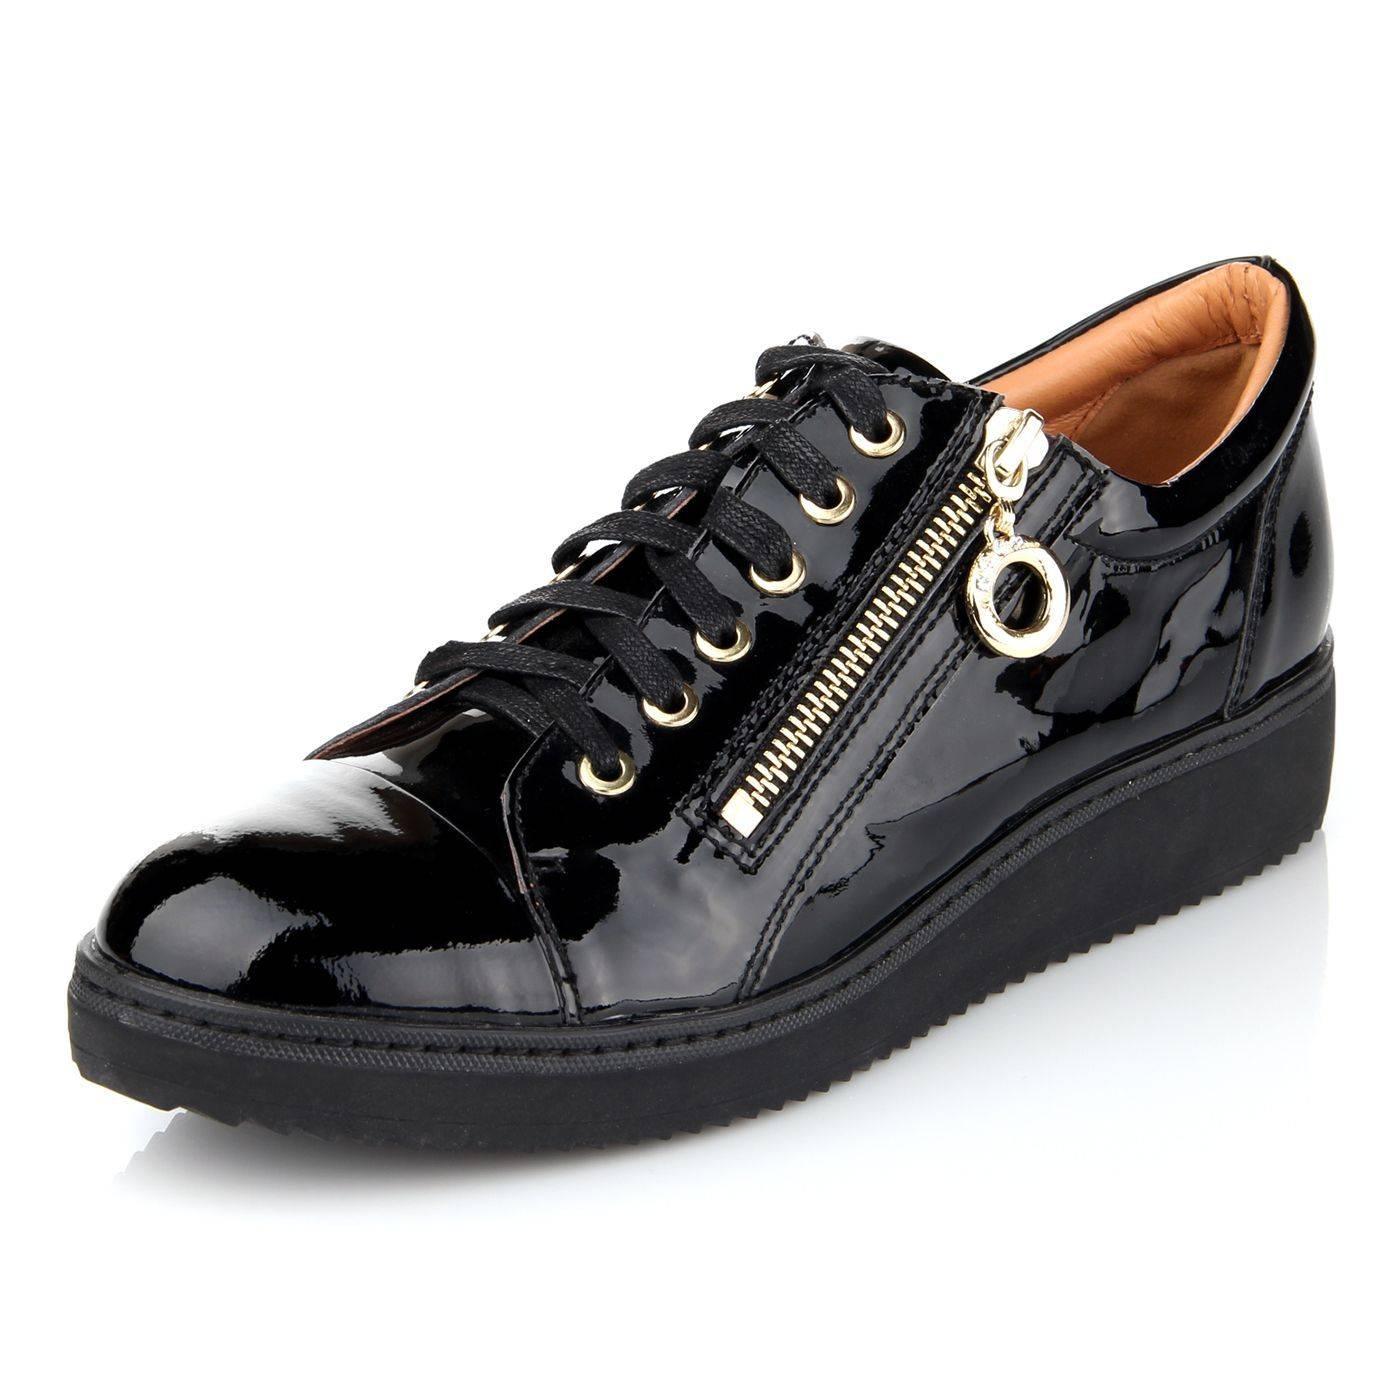 Туфлі жіночі sirocco 1074 Чорний купить по выгодной цене в интернет ... 3b64731dab02a